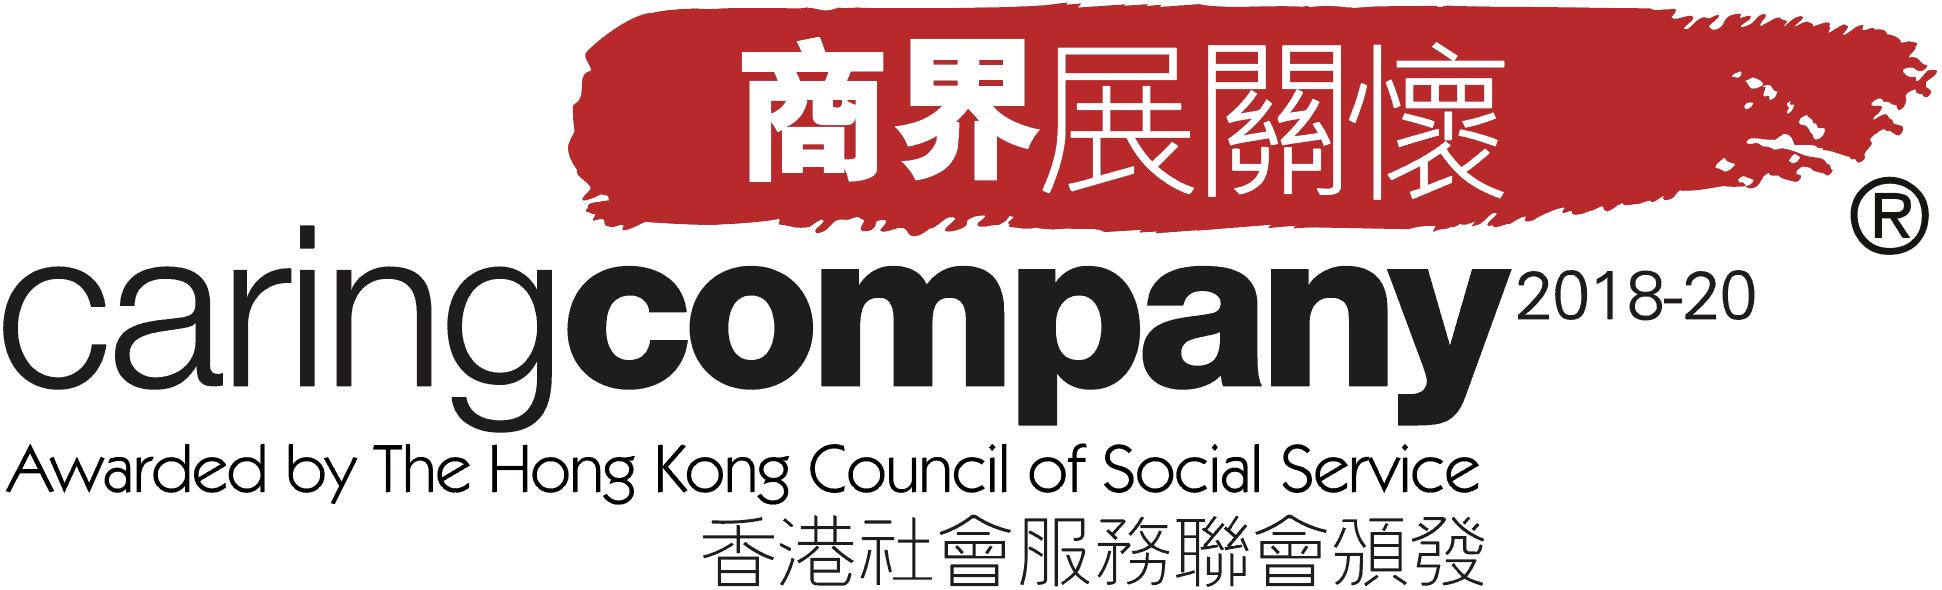 Caring Company 2018-20